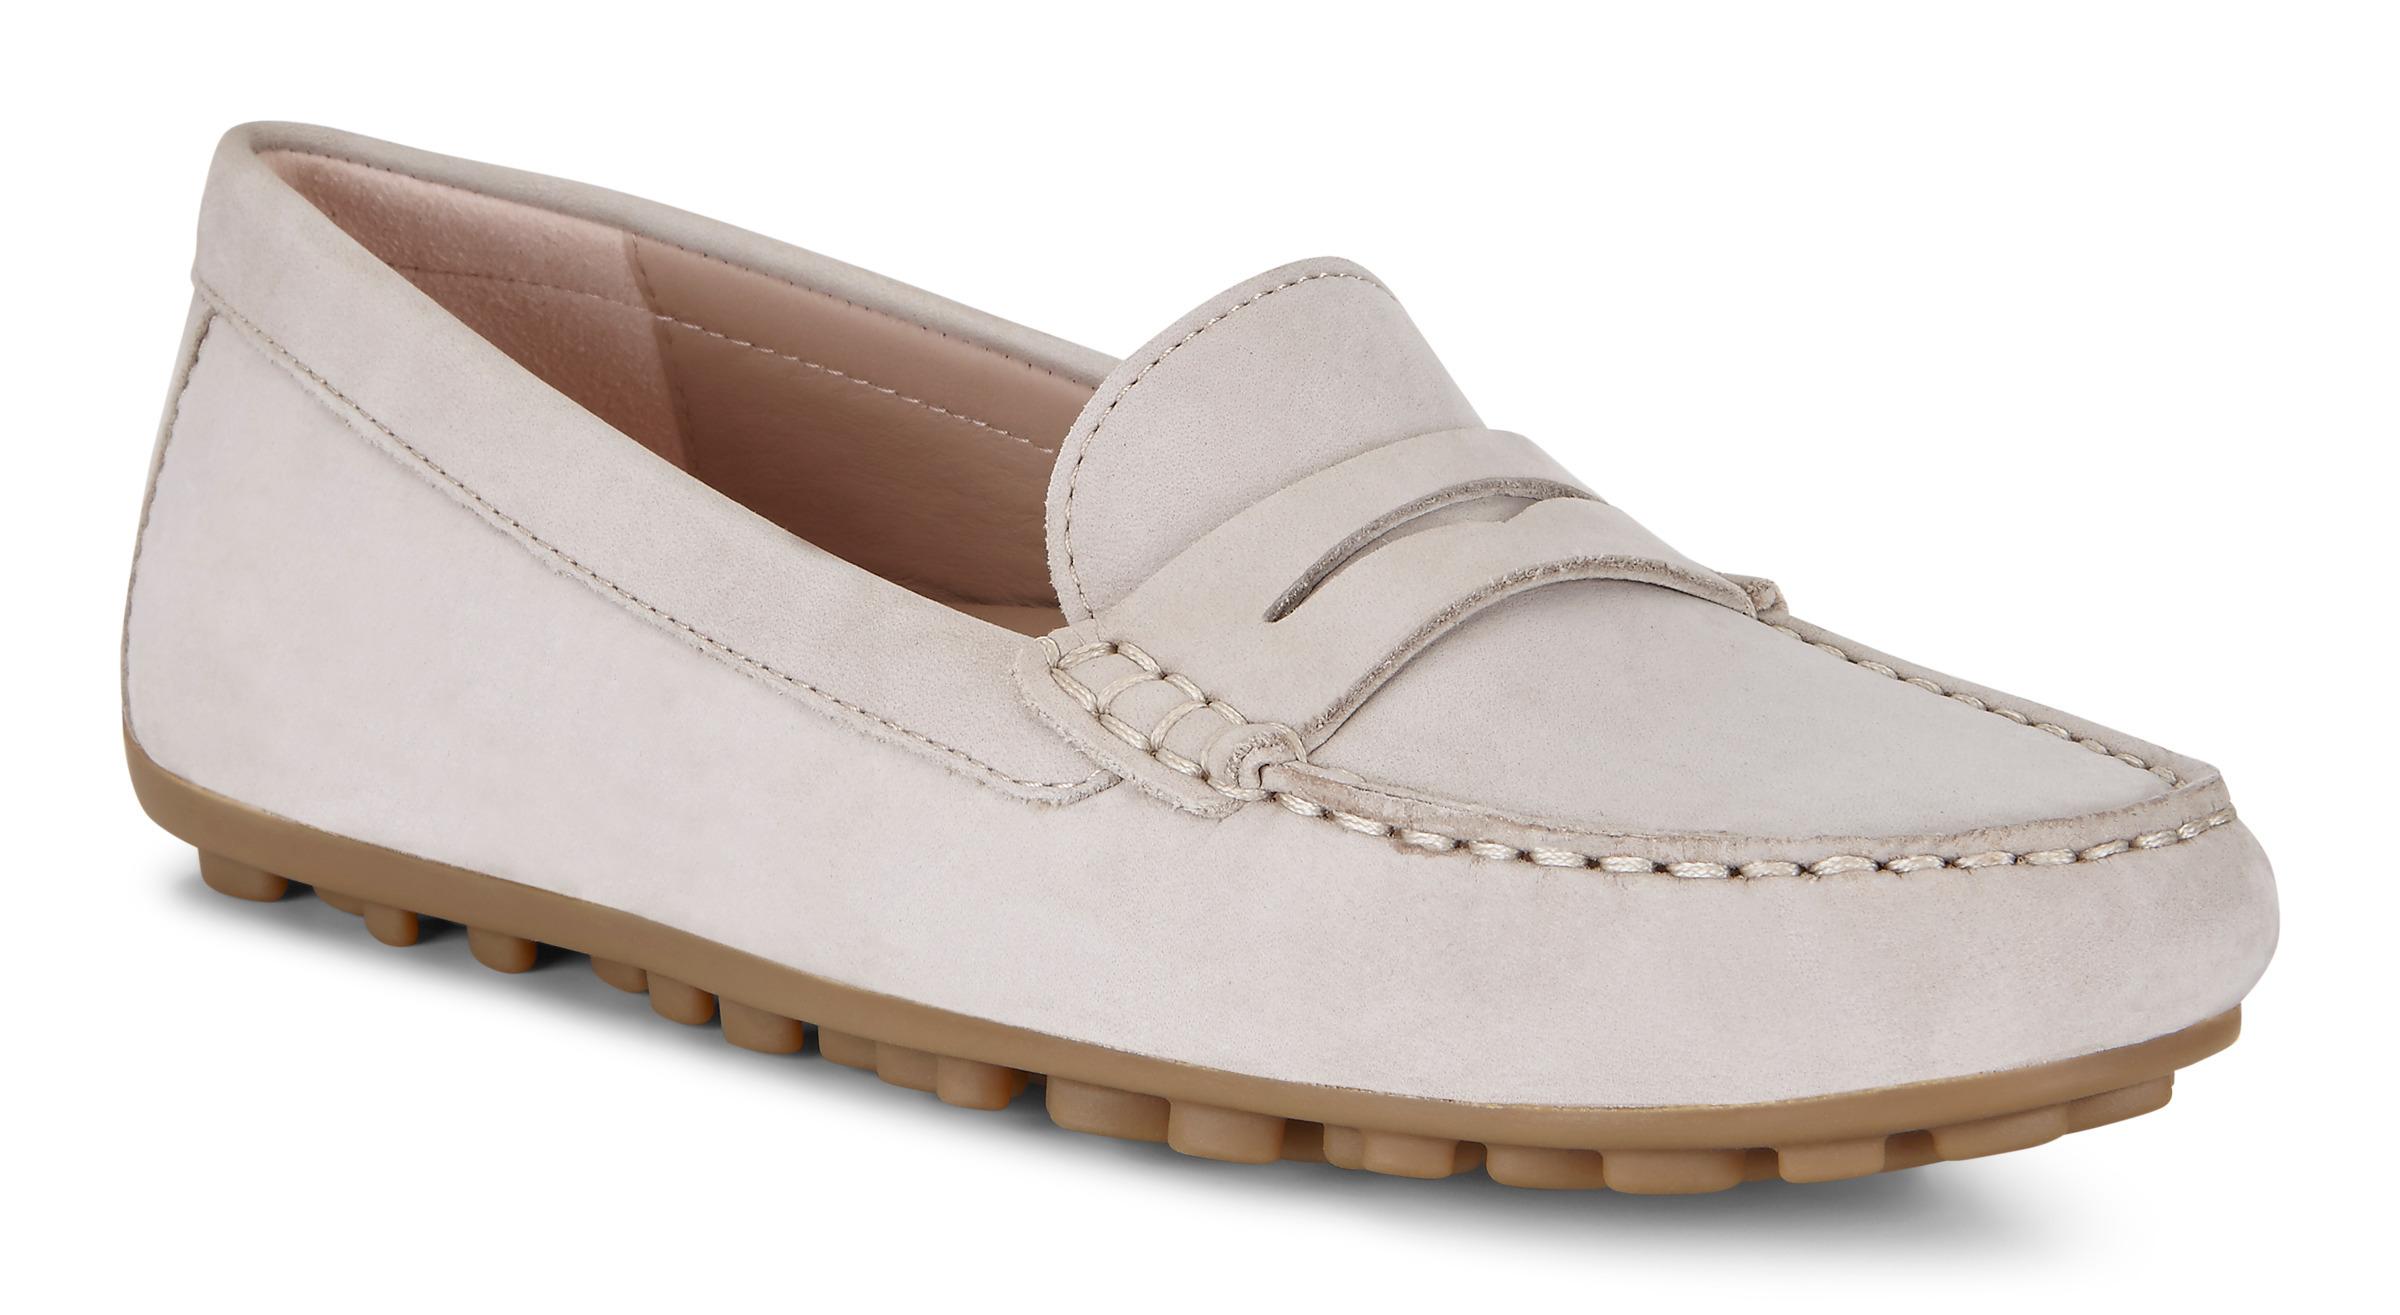 Ecco Gillian Slip On Sneaker | Slip on sneaker, Slip on